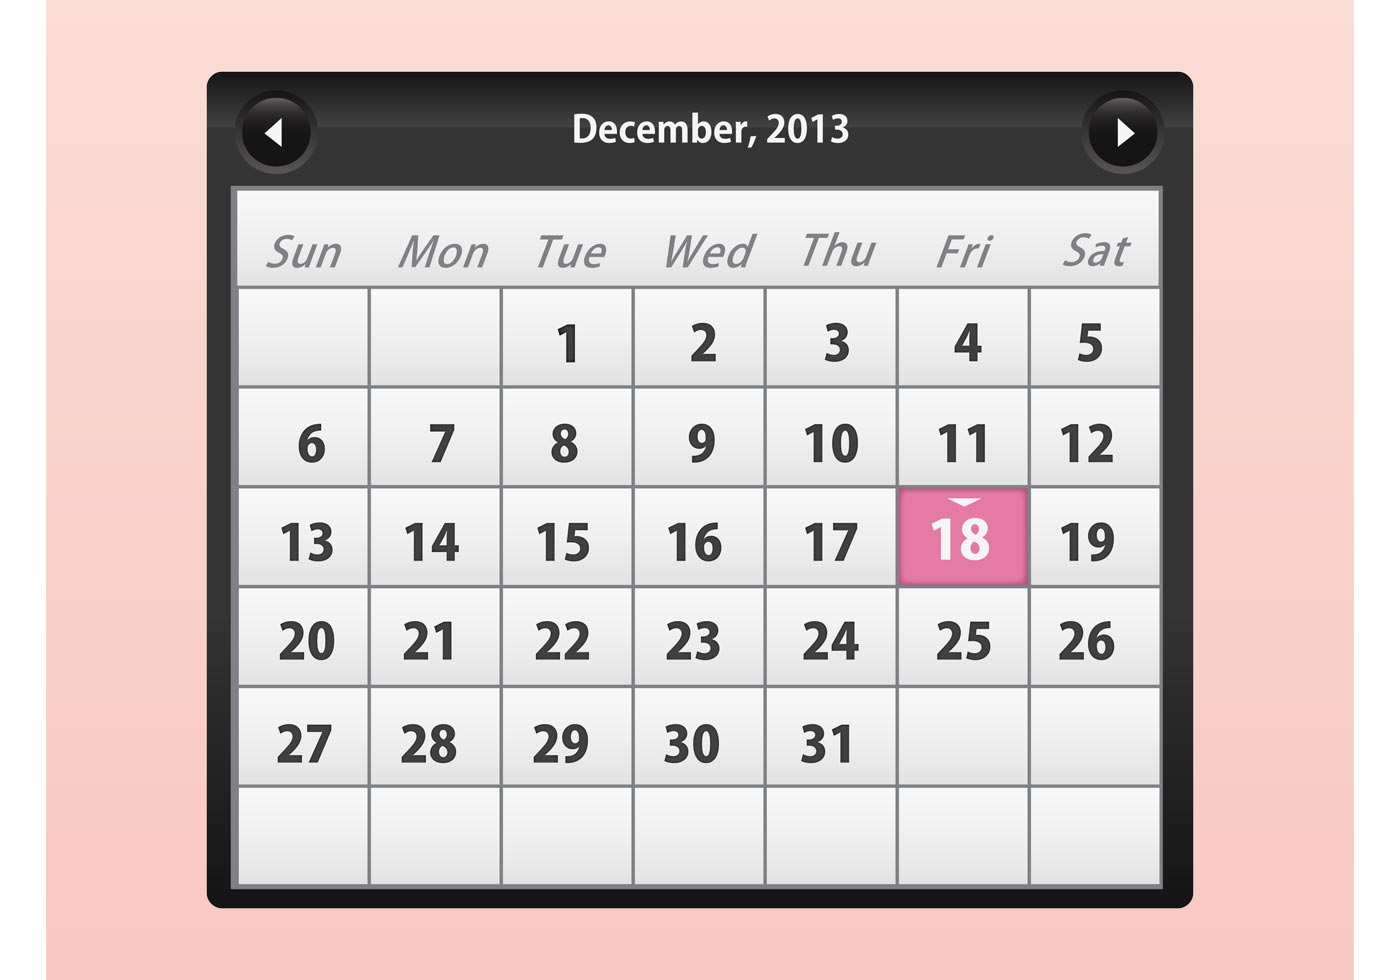 Calendar Vector Art Free : Free calendar vector art downloads